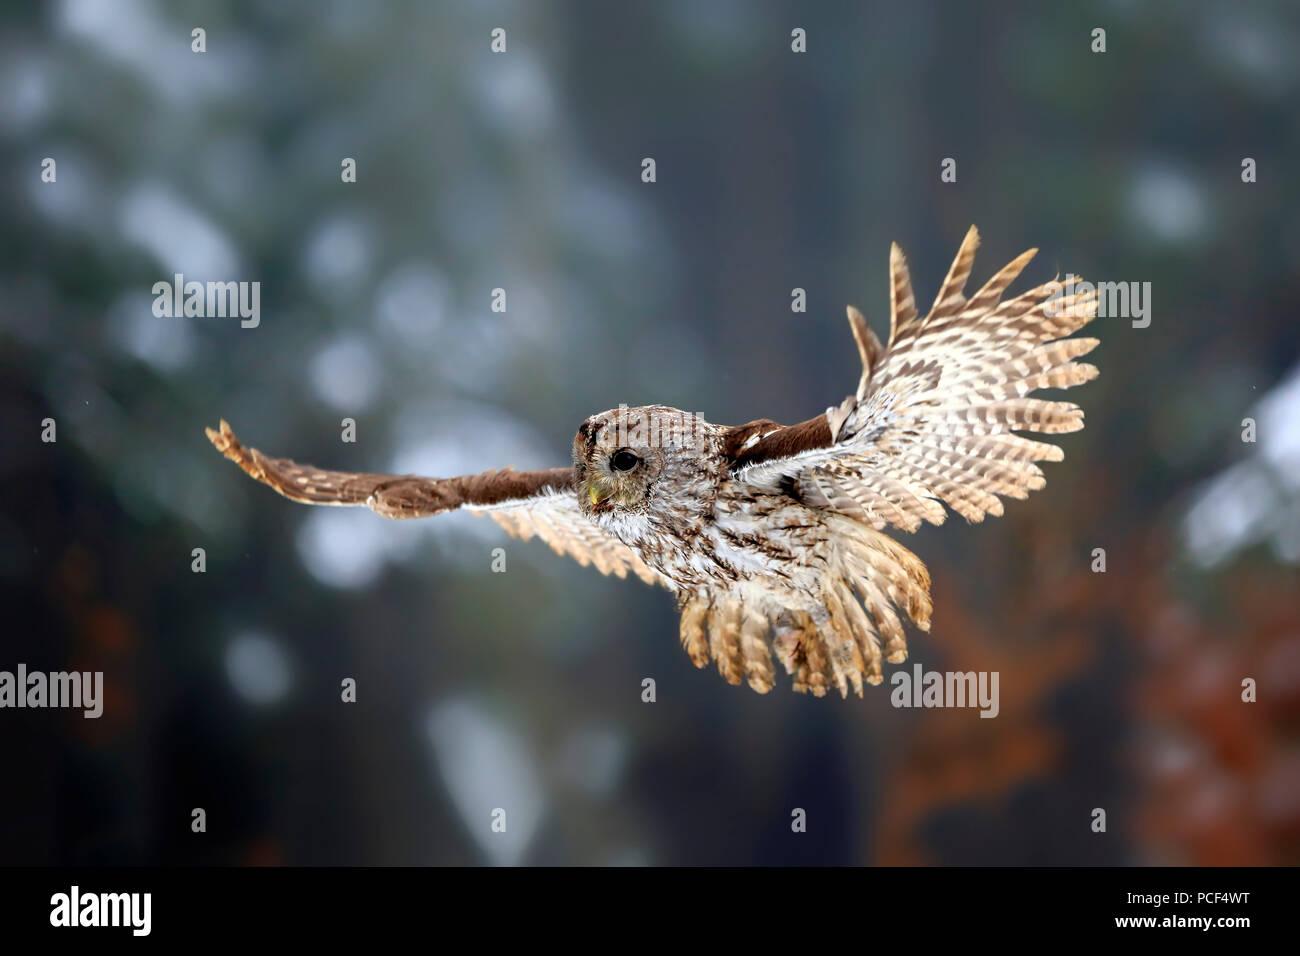 Tawny Owl, adult, Zdarske Vrchy, Bohemian-Moravian Highlands, Czech Republic, (Strix aluco) - Stock Image